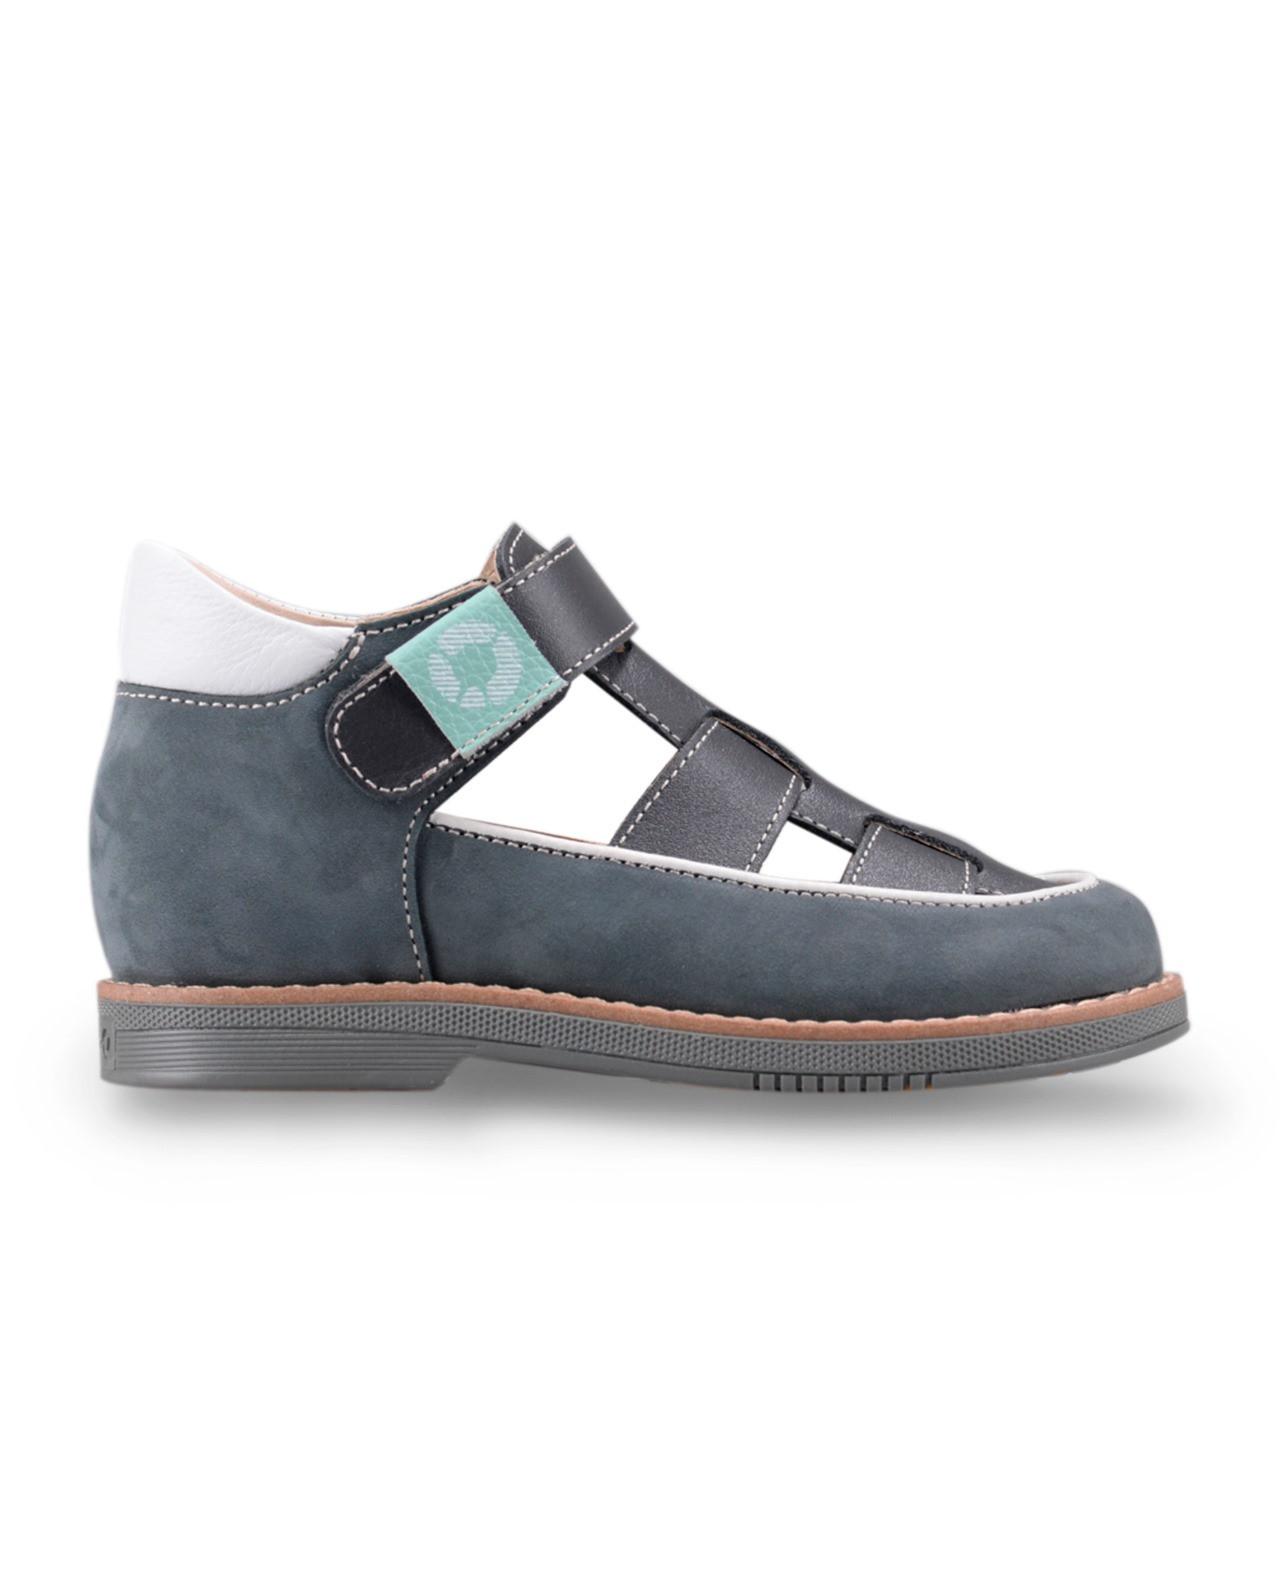 Туфли Детские, Tapiboo Ива (43280, 27 )Туфли<br>Туфли для ежедневной профилактики плоскостопия. <br>Идеальны как сменная обувь в детский сад <br>и начальную школу. Широкий, устойчивый каблук, <br>специальной конфигурации «каблук Томаса». <br>Каблук продлен с внутренней стороны до <br>середины стопы, чтобы исключить вращение <br>(заваливание) стопы вовнутрь (пронационный <br>компонент деформации, так называемая косолапость, <br>или вальгусная деформация). Многослойная, <br>анатомическая стелька со сводоподдерживающим <br>элементом для правильного формирования <br>стопы. Благодаря использованию современных <br>внутренних материалов позволяет оптимально <br>распределить нагрузку по всей площади стопы <br>и свести к минимуму ее ударную составляющую. <br>Жесткий фиксирующий задник с удлиненным <br>«крылом» надежно стабилизирует голеностопный <br>сустав во время ходьбы, препятствуя развитию <br>патологических изменений стопы. Упругая, <br>умеренно-эластичная подошва, имеющая перекат <br>позволяющий повторить естественное движение <br>стопы при ходьбе для правильного распределения <br>нагрузки на опорно-двигательный аппарат <br>ребенка. Подкладка из кож<br>Размер INT: M; Цвет: Красный; Ширина: 100; Высота: 200; Вес: 1000;